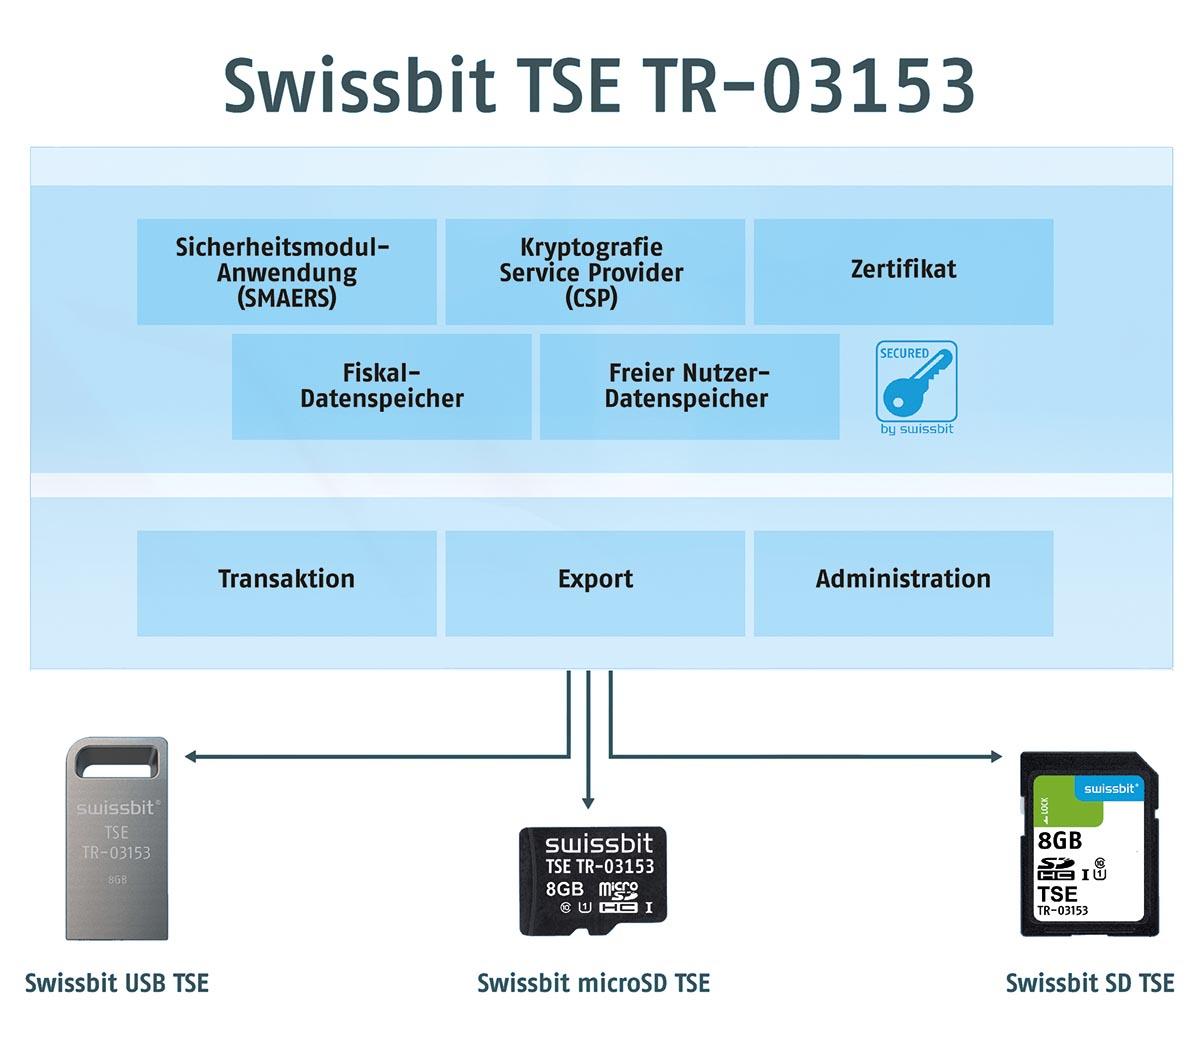 Swissbit TSE ist steckbar und kann somit einfach integriert werden. Bestehende Kassensysteme lassen sich problemlos nachrüsten.